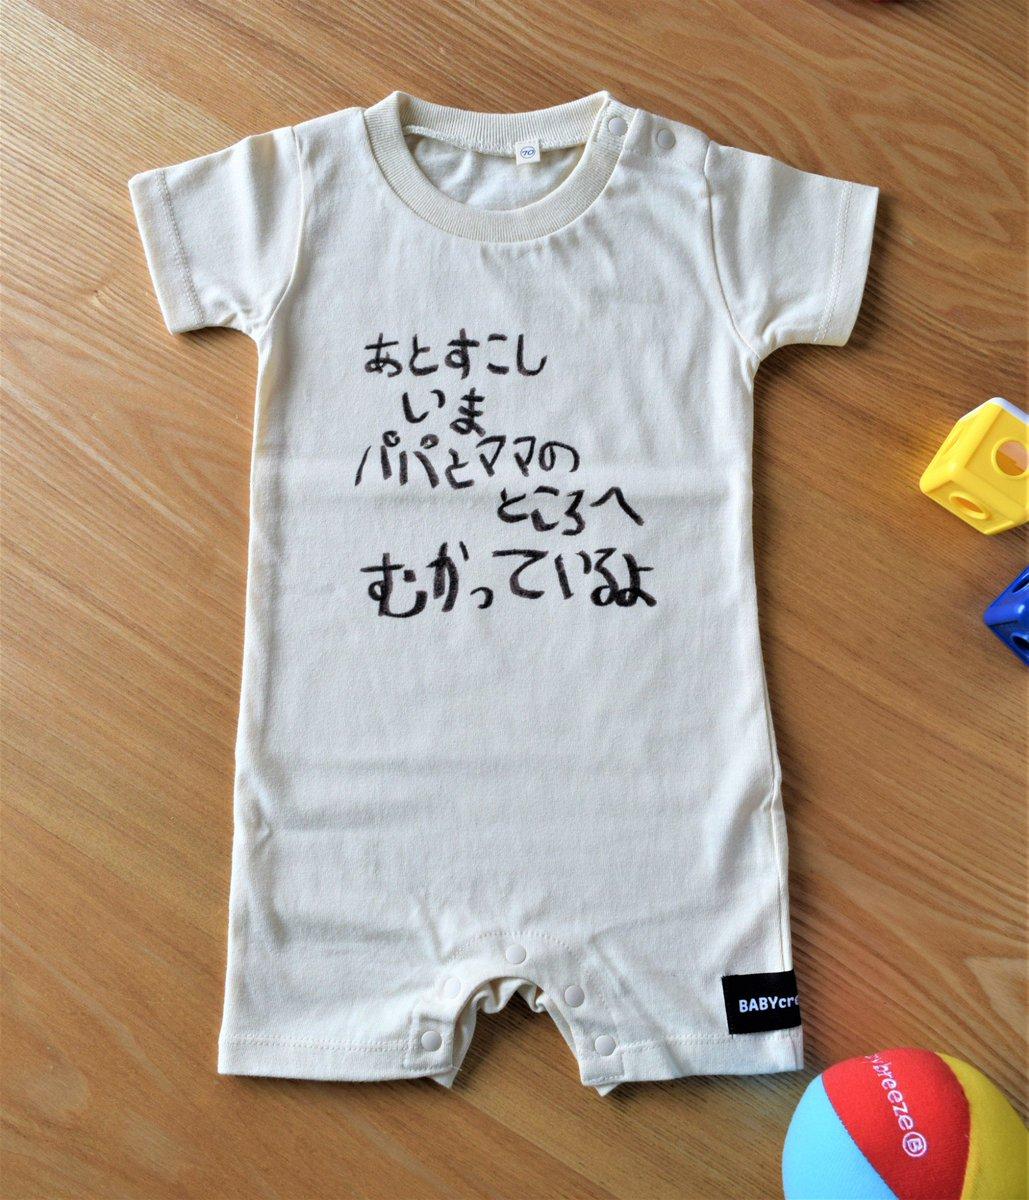 ✶今日のメーカー✶  今日ご紹介するのは、日本のベビー服を取り扱っておられる BABYcrewSAN @YcrewBab 様です!!メッセージのこもったベビー服で妊娠を希望する全ての方を応援されています!! https://musuvi-wtm.com/jp/maker-search/babycrewsan/… #MWTM #ベビー服 #日本 #妊娠